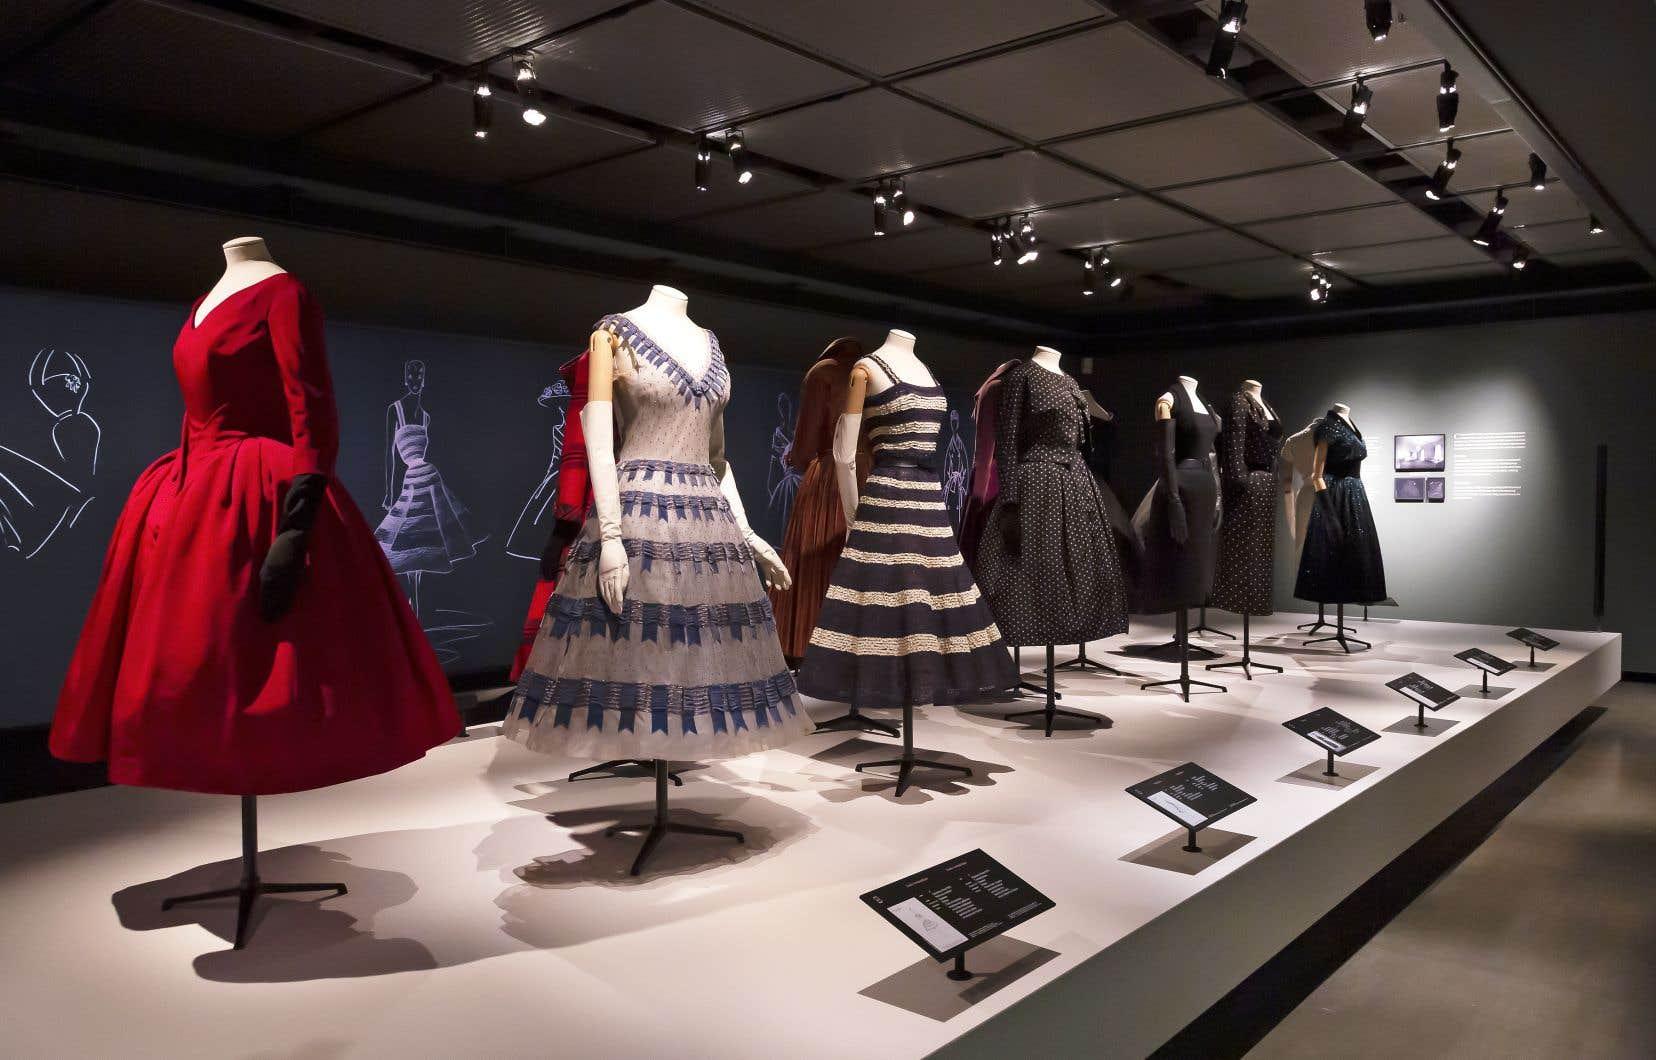 L'exposition Christian Dior a tout pour faire rêver alors que nous sommes tous fatigués d'être confinés chez nous en vêtements mous depuis plus d'un an!